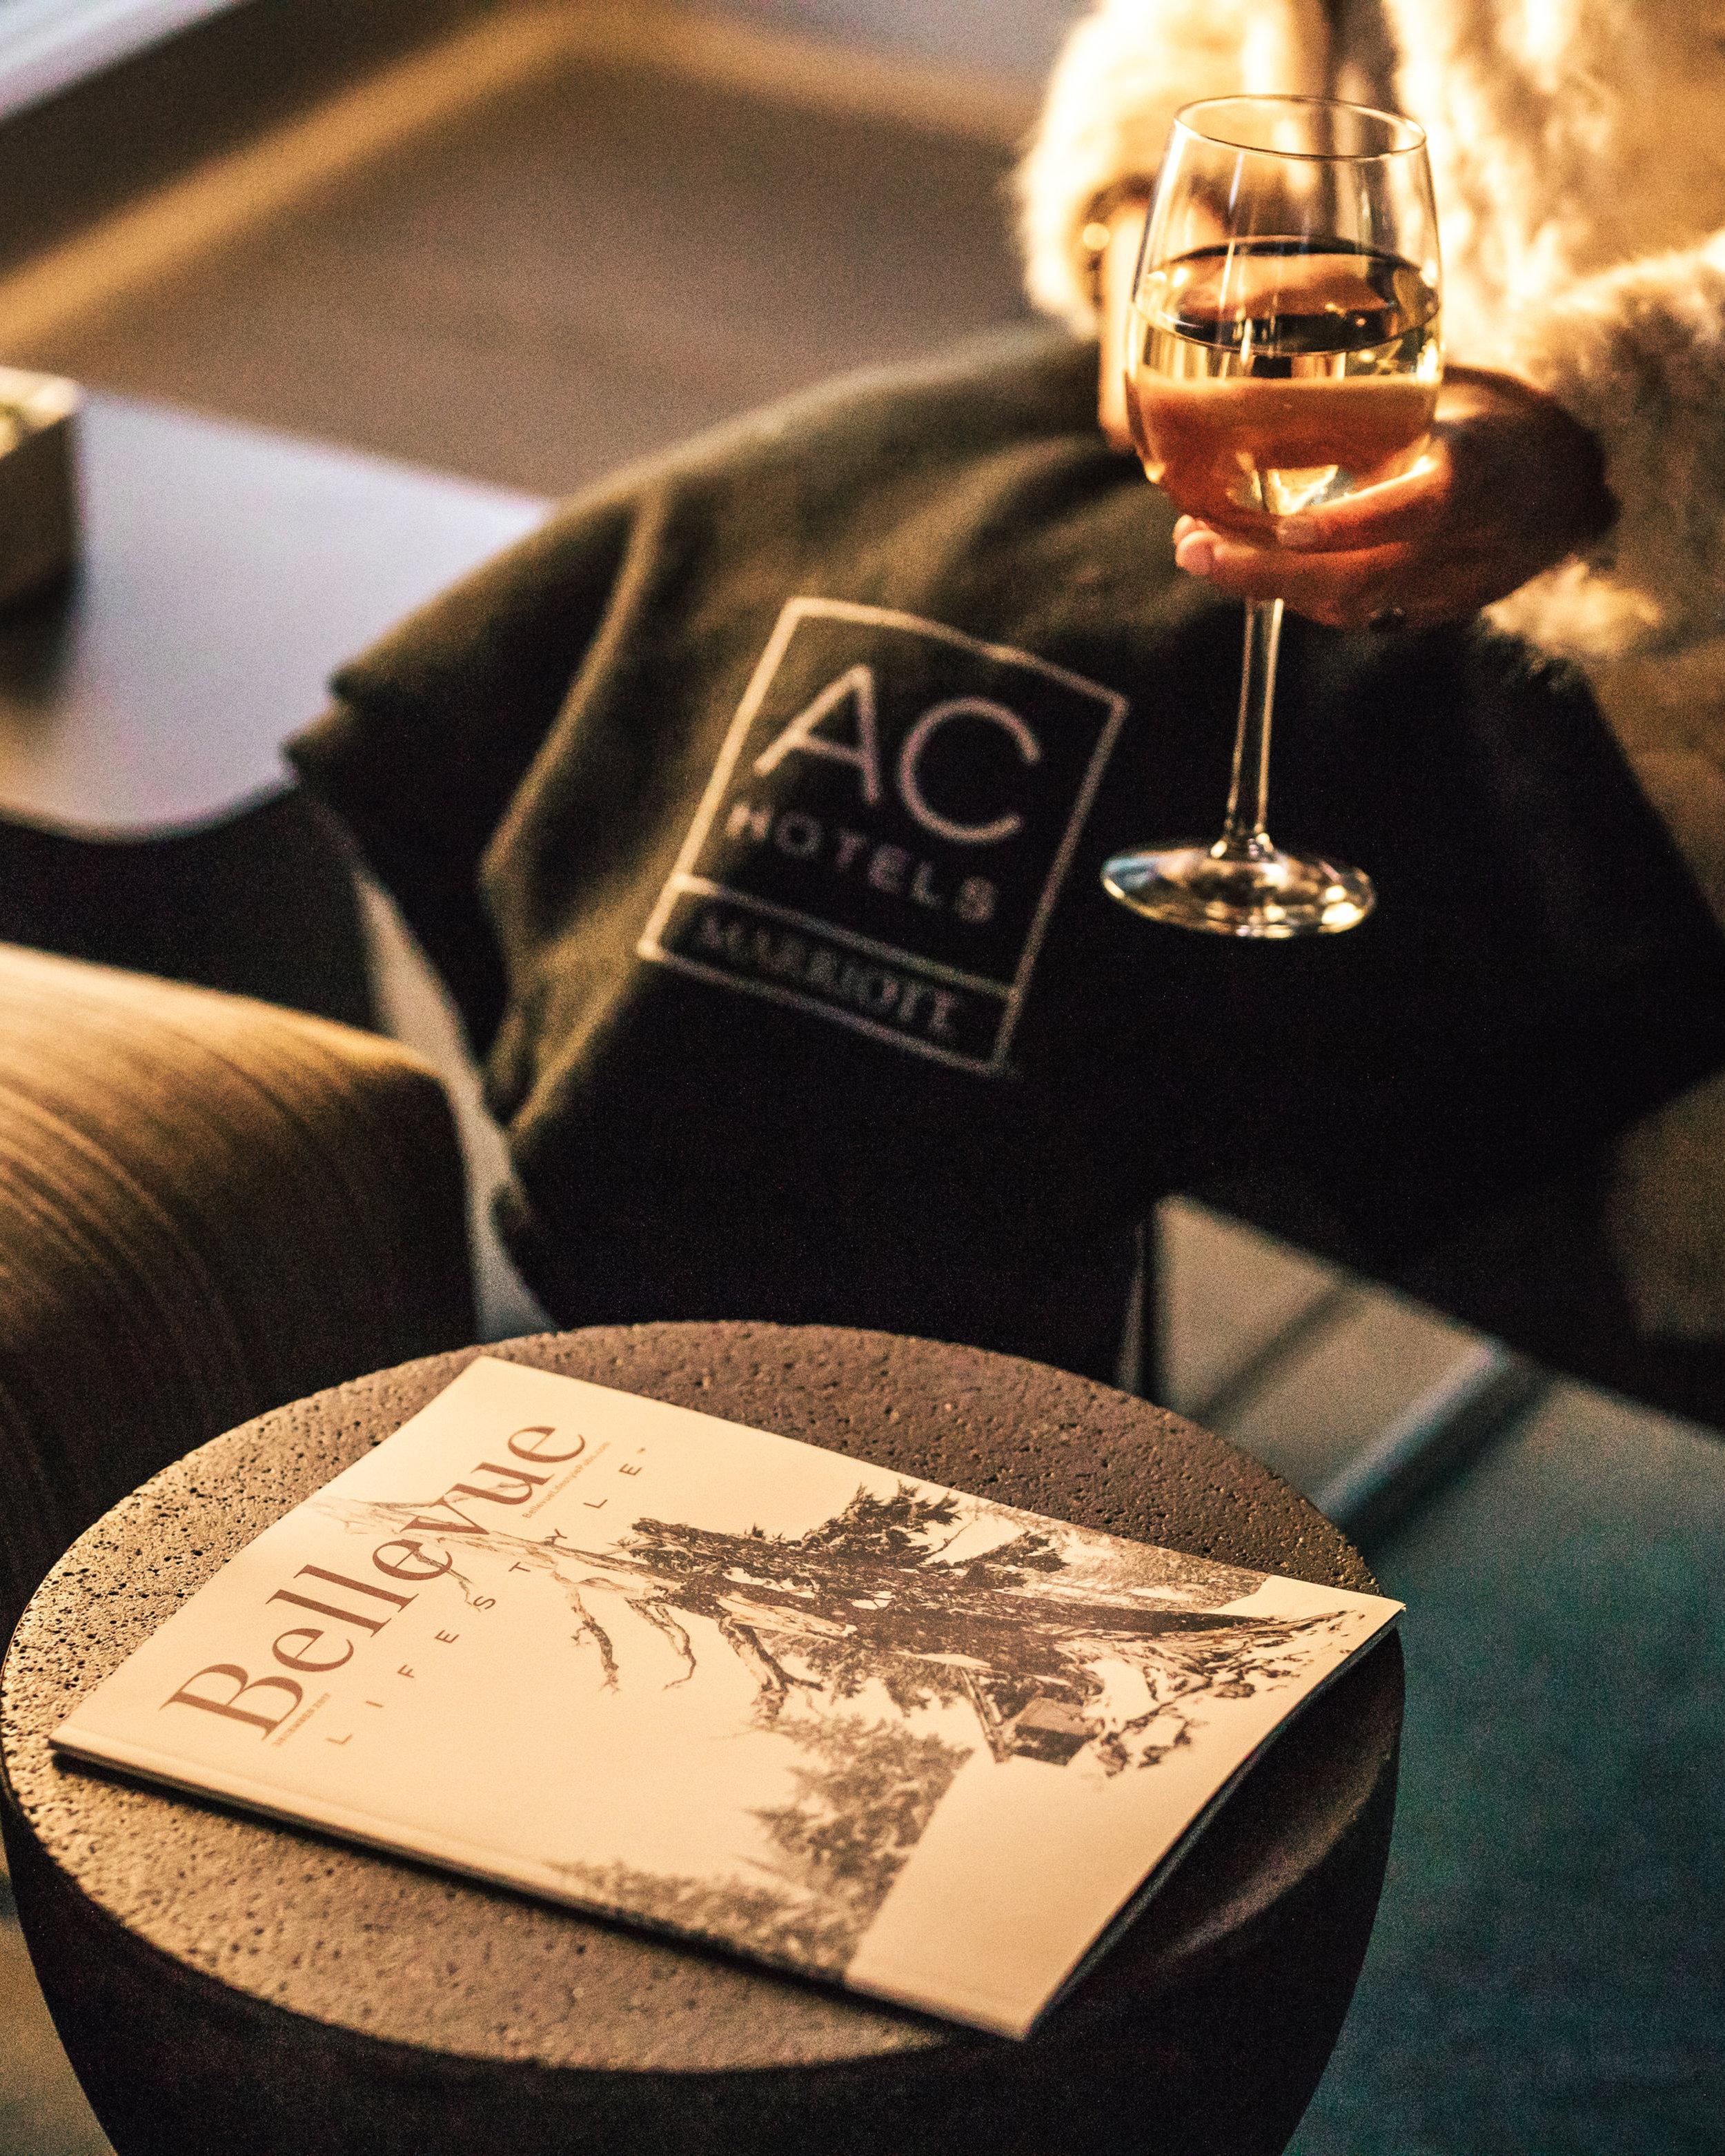 AC Hotel-AC Hotels LR-0015.jpg